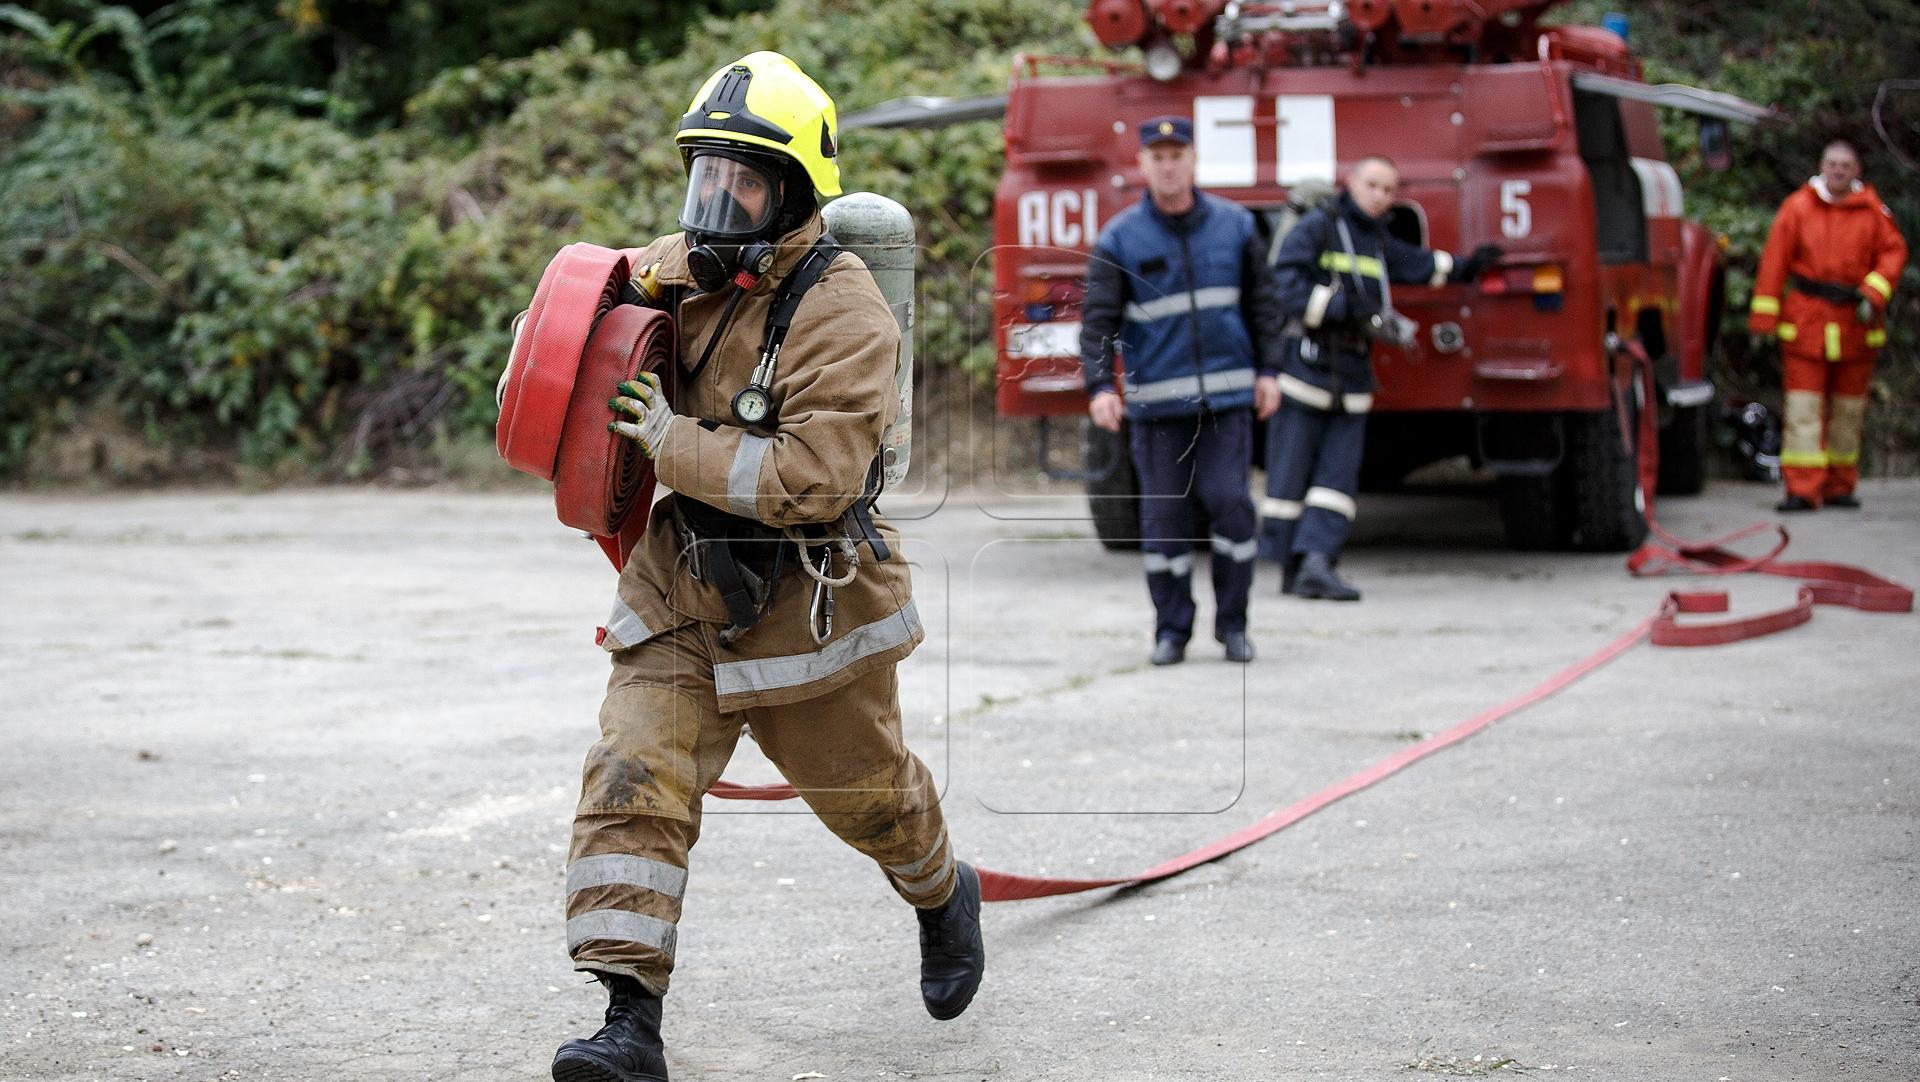 Картинки про спасателей и пожарных